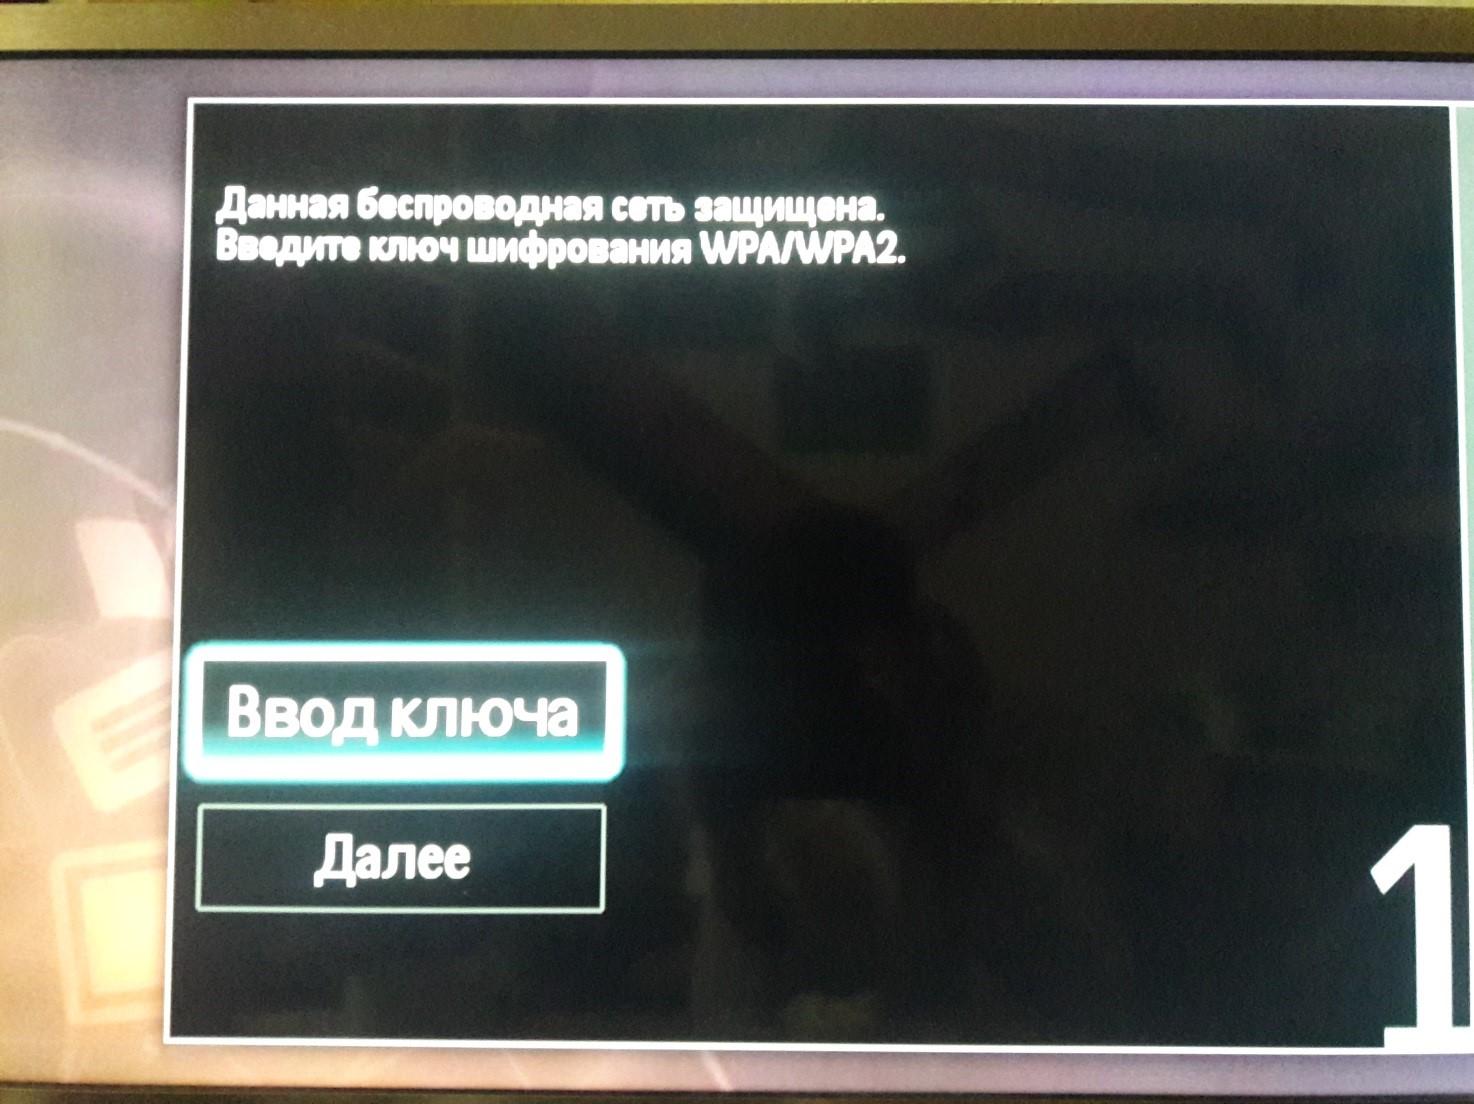 Меню Smart TV после выбора своей сети wi-fi